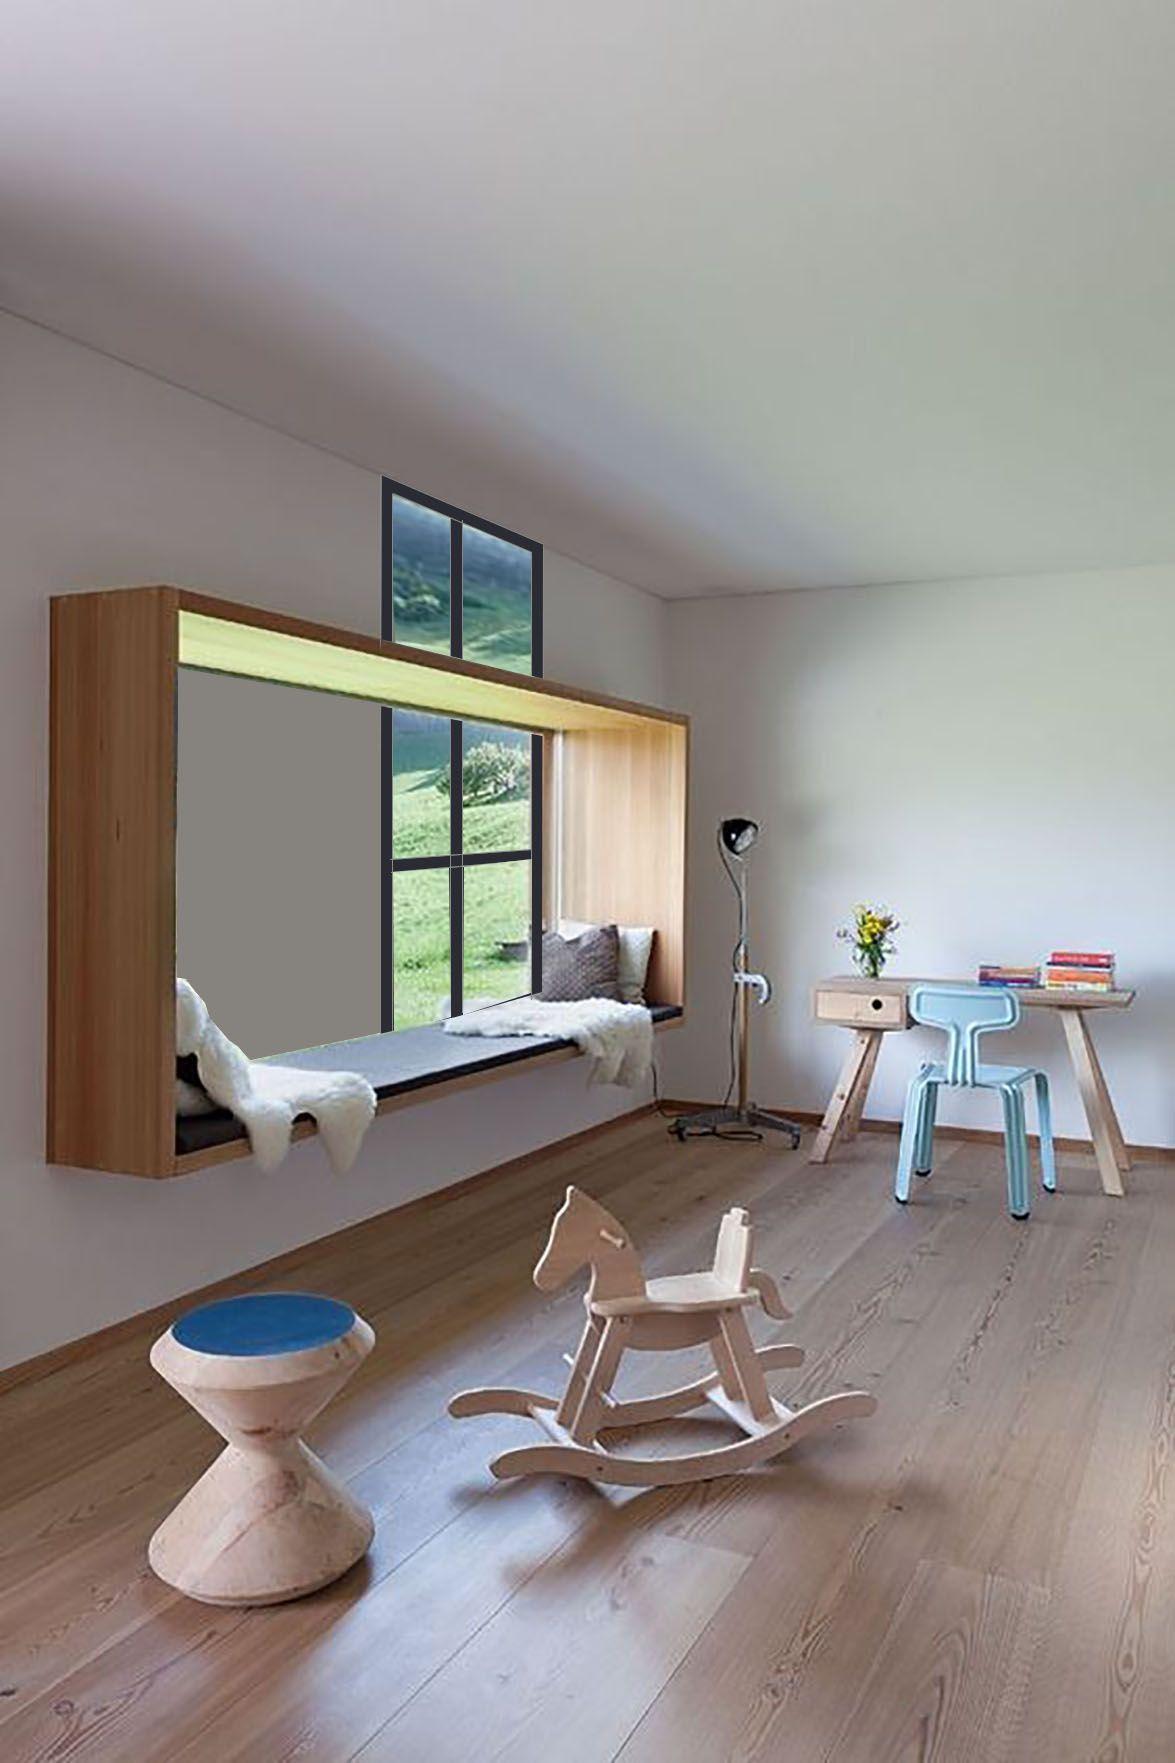 Bed on bay window  shelfwindow seat misaligned with window schets vensterbank nis